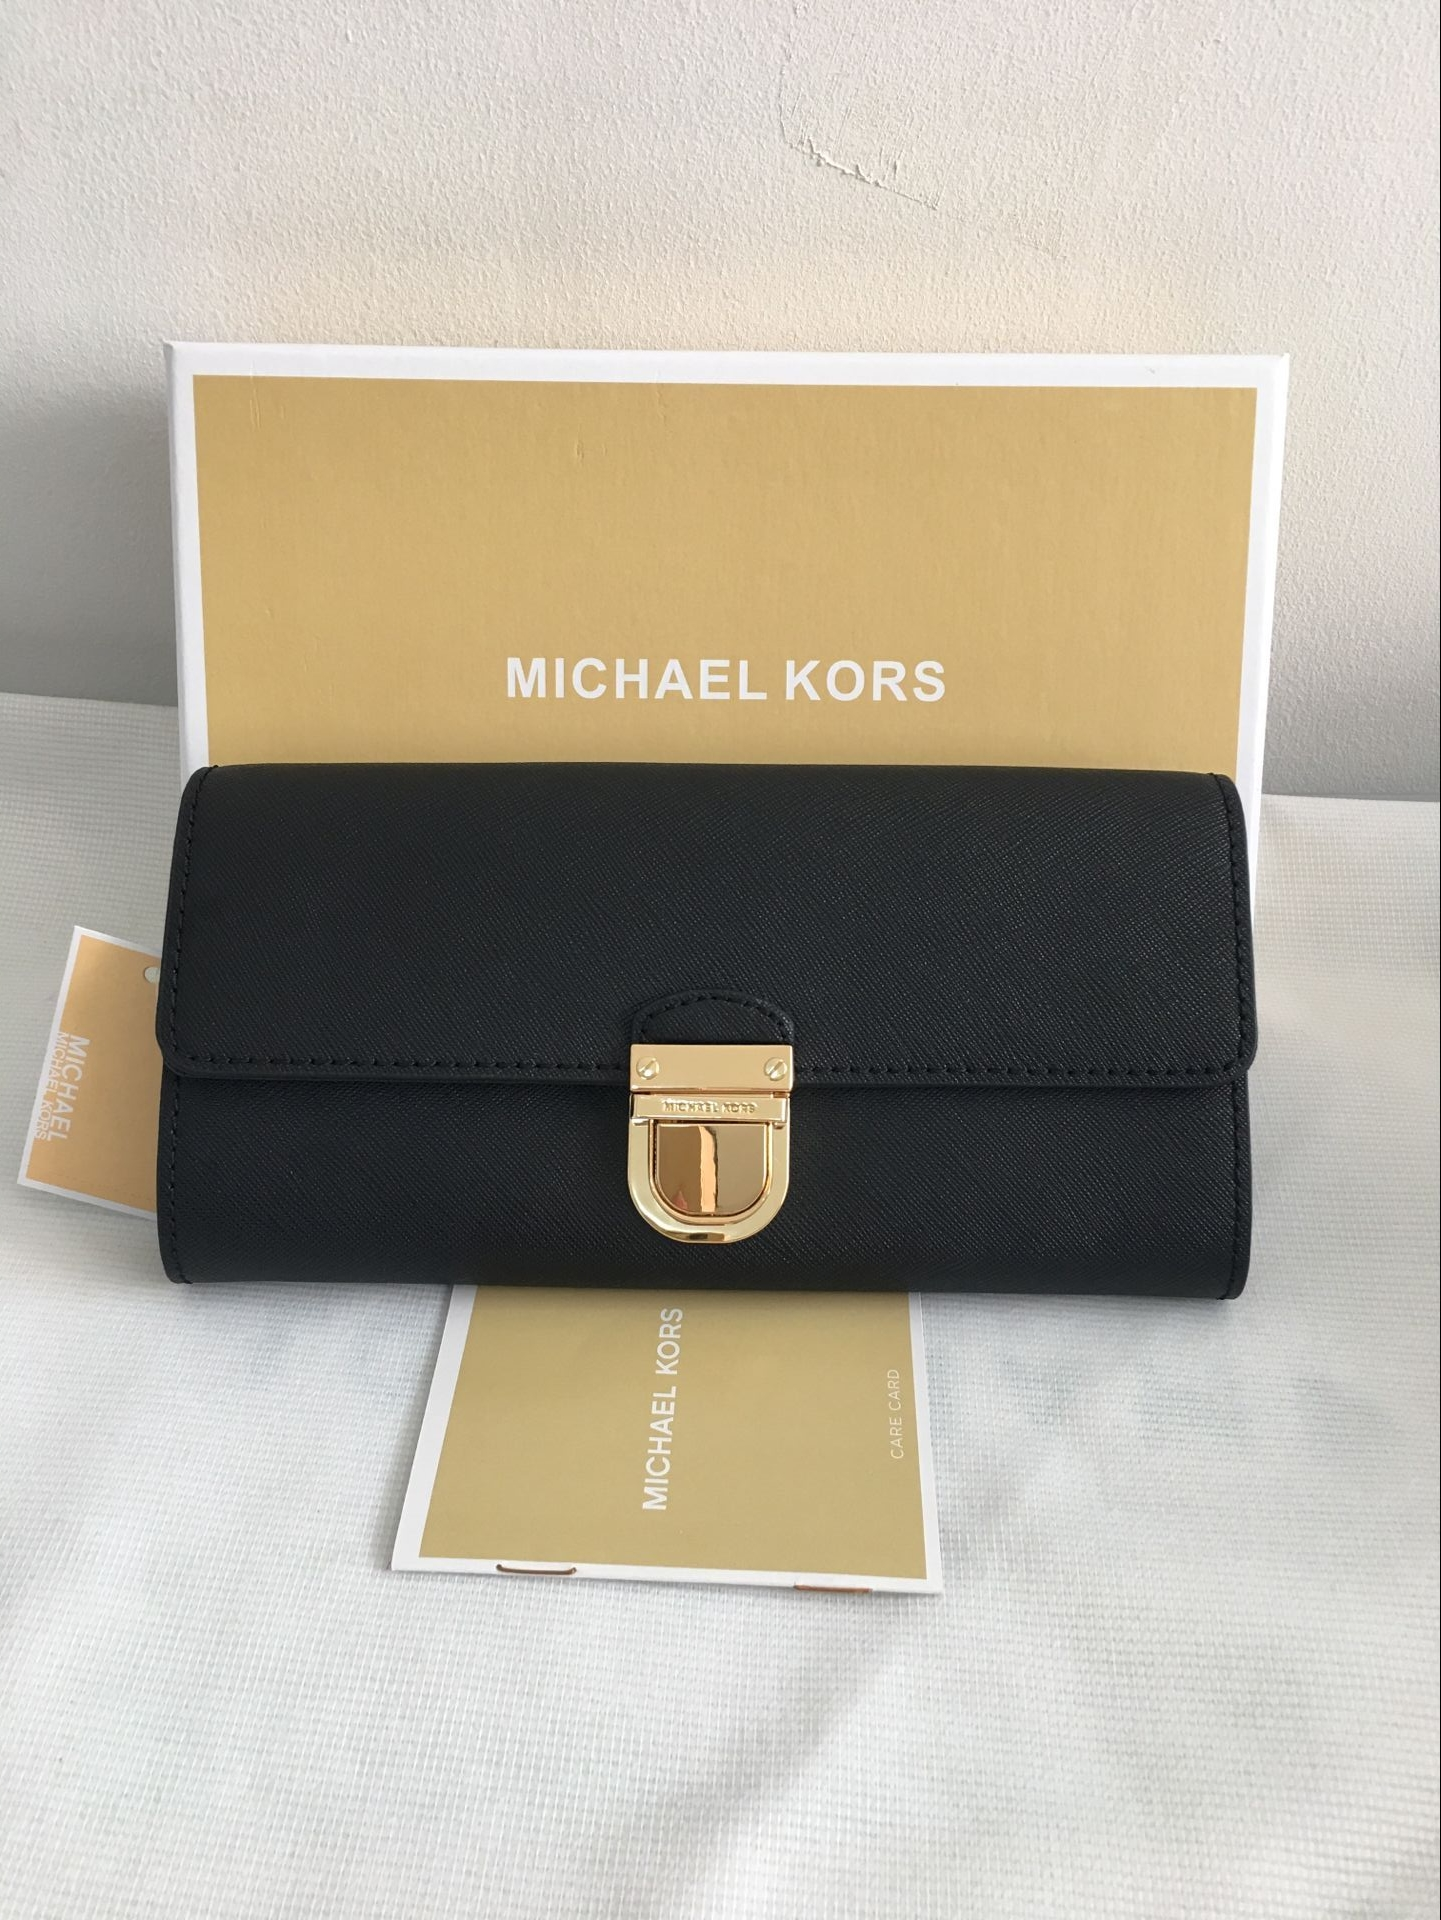 b4133caaef68d9 Authentic Michael Kors Saffiona Leather Bridgette Flap Wallet Black ...